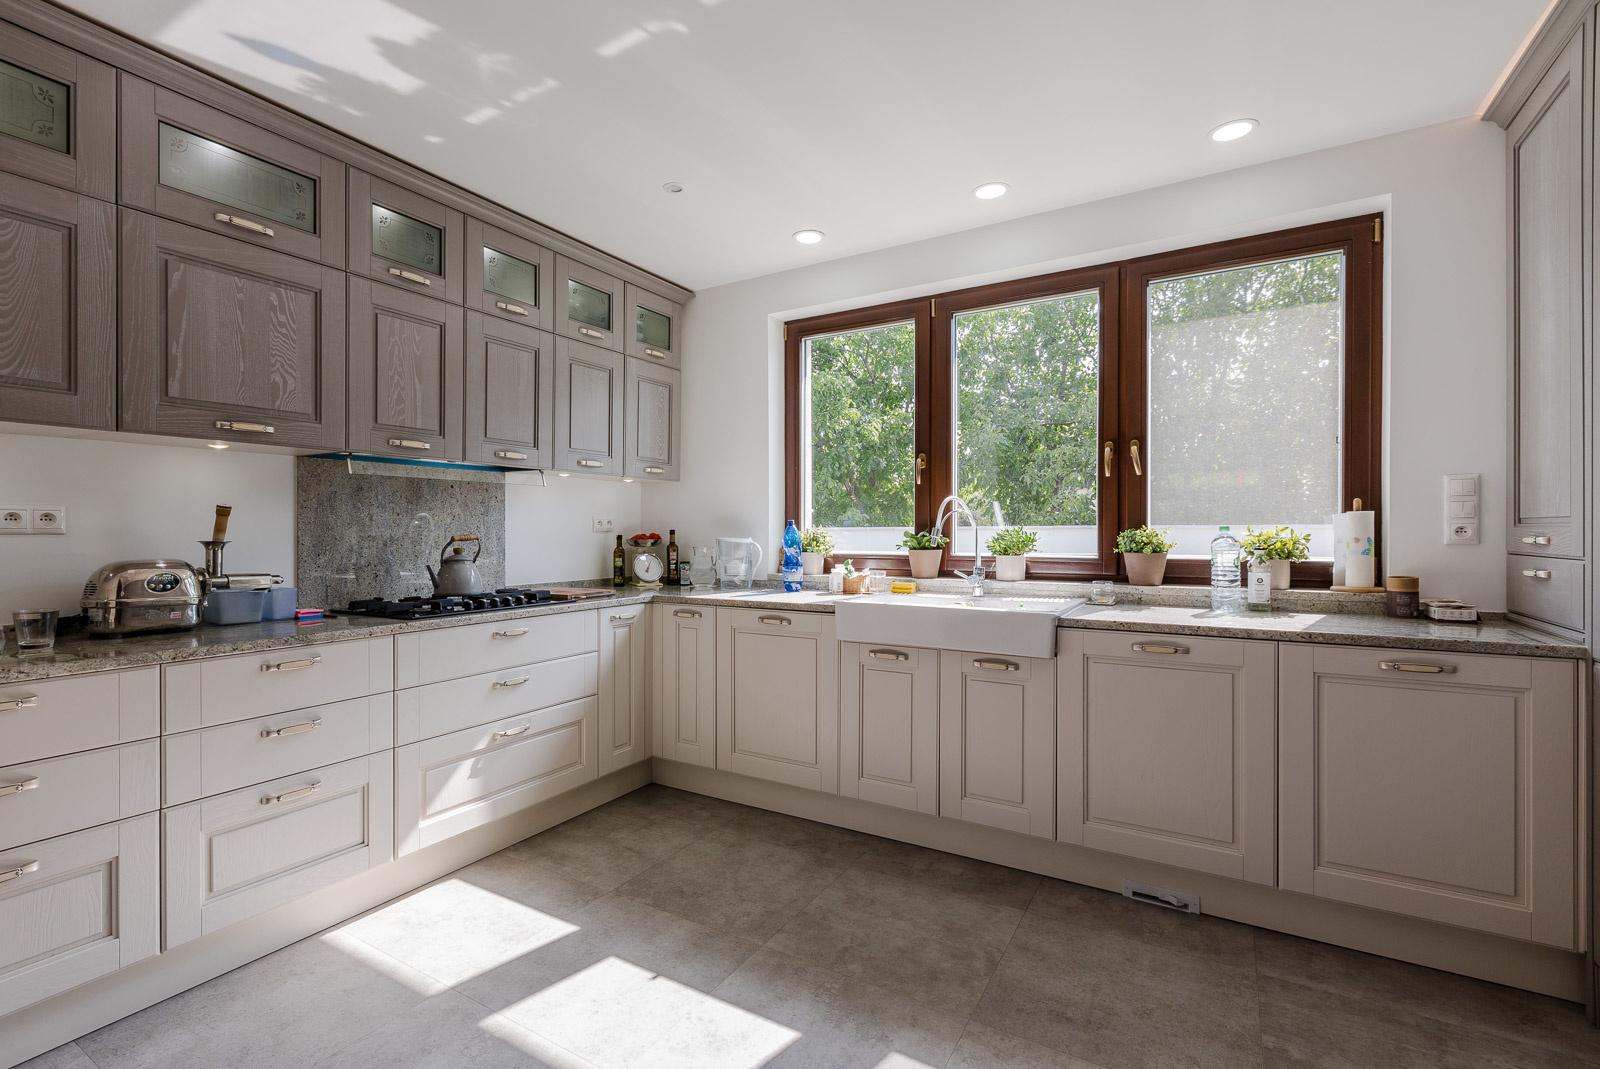 Samostatná kuchyňa s možnosťou uzatvárania bola jednou zo základných požiadaviek majiteľov. Toto riešenie si nevedia vynachváliť.